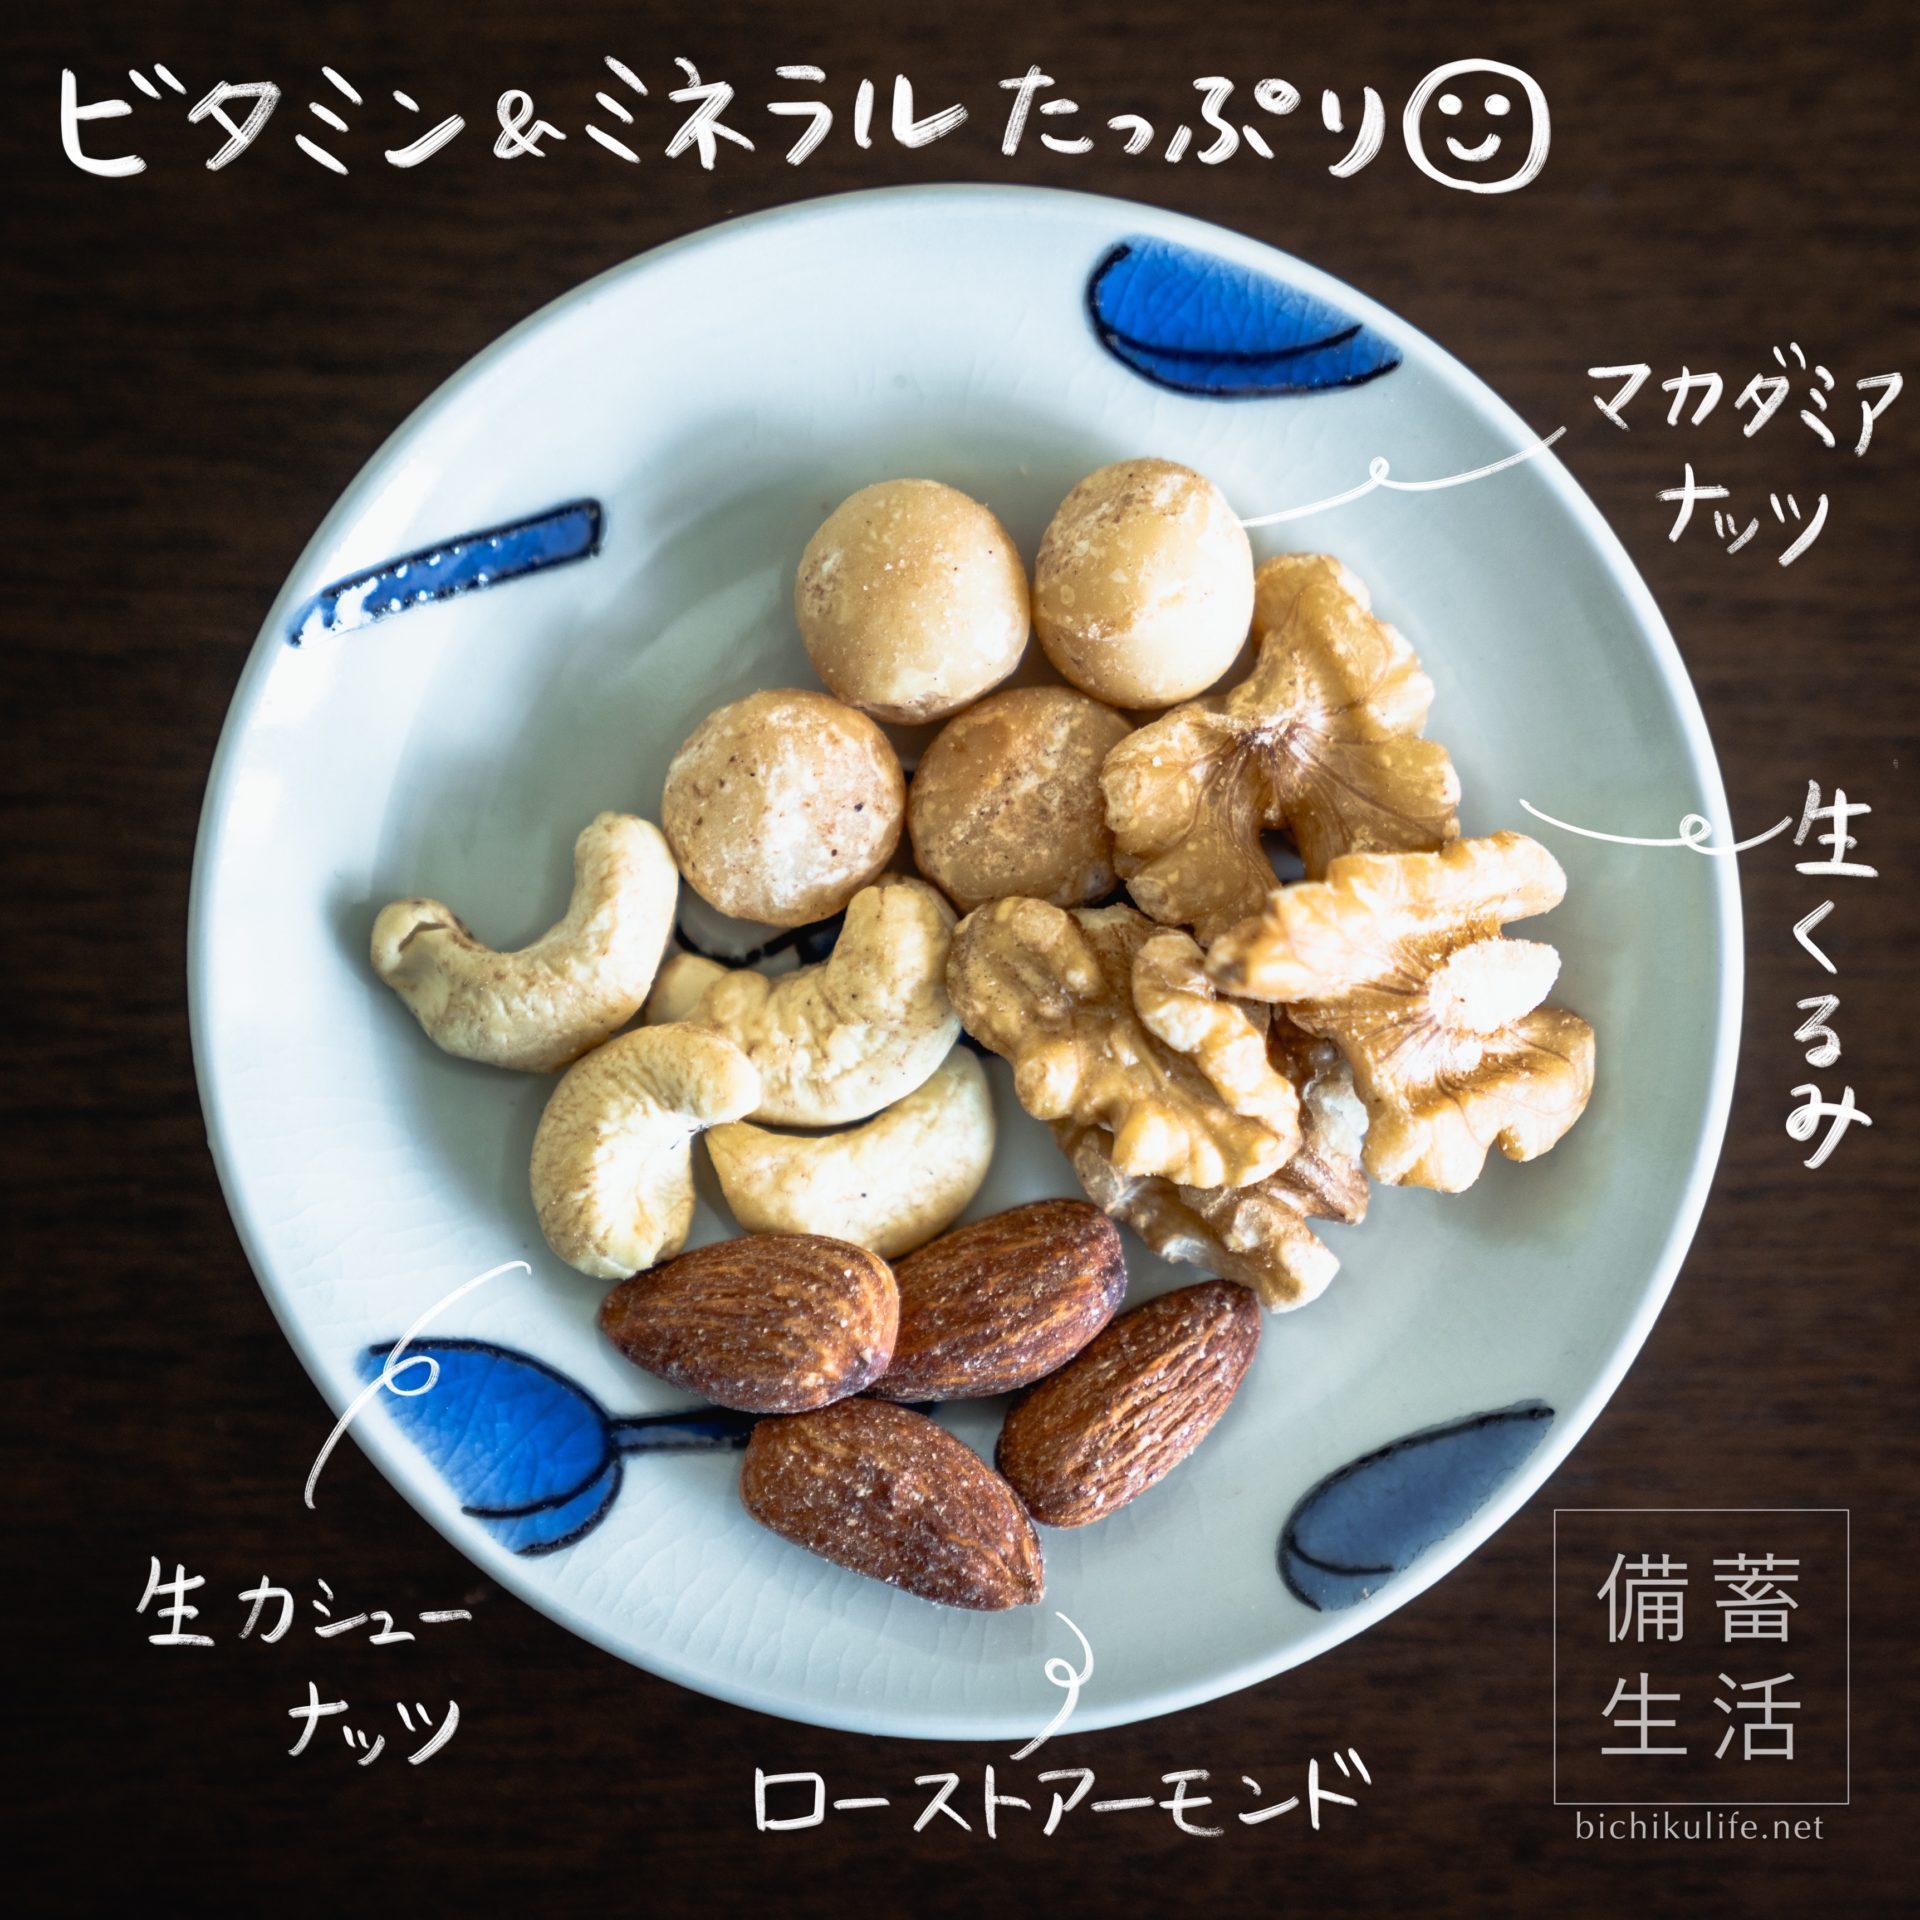 ヘルシーな朝食 無塩 無添加ミックスナッツを食べてミネラルを摂取。 ローストアーモンド、生カシューナッツ、生くるみ、マカダミアナッツの4種類。